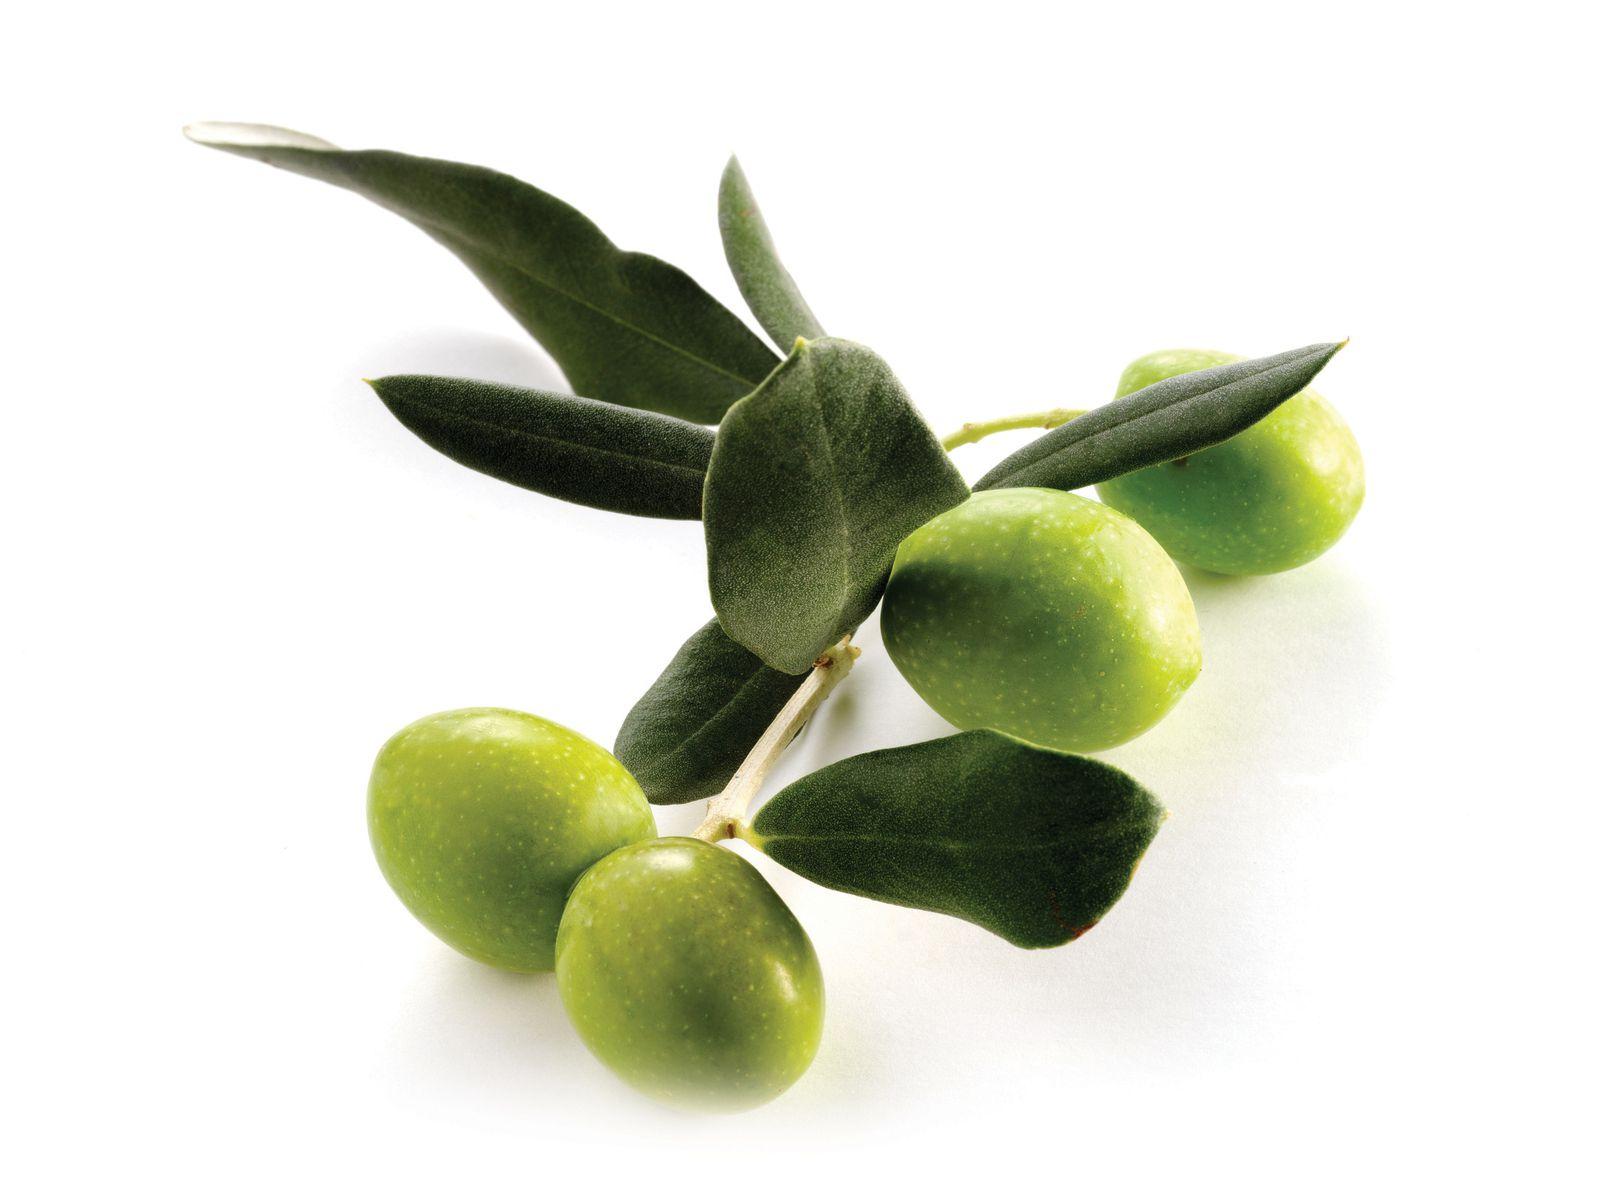 Huile d'olive: Riche en vitamines A, D, E et K, elle adoucit la peau, assouplit les muscles lorsqu'elle est utilisée en massage, donne de l'élasticité à la peau, protège contre les agressions du froid et atténue les rides.    Cheveux : Idéale pour les cheveux secs et fragiles.  Ongles : Excellente pour les ongles cassants.  Type de peau : matures, sèches, délicates, normales, irritées